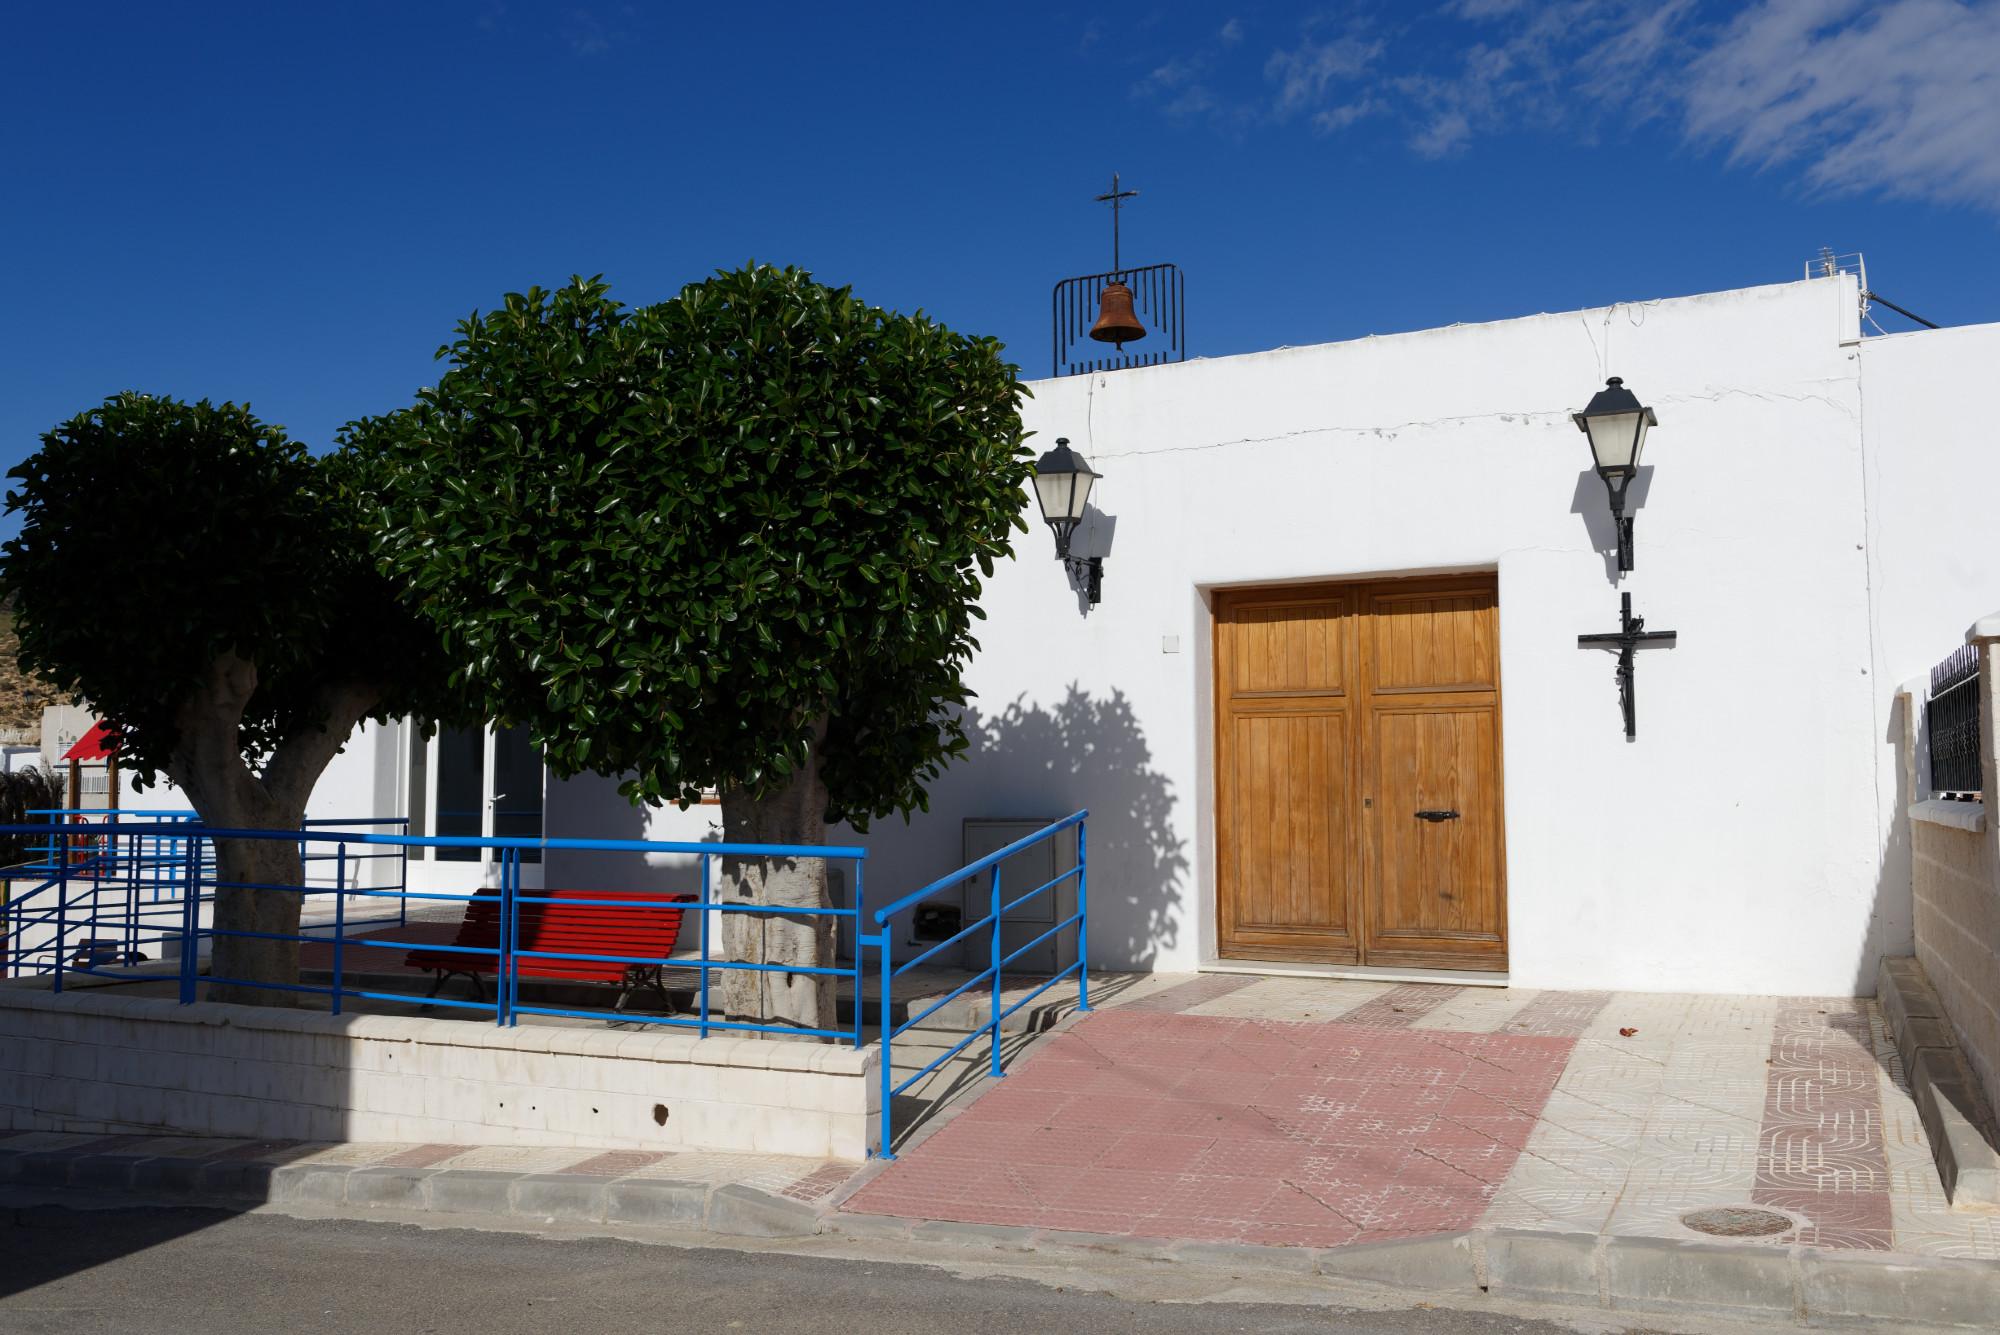 171216-Region Carboneras El Argamason (Cabo de Gata-Andalousie) (13)